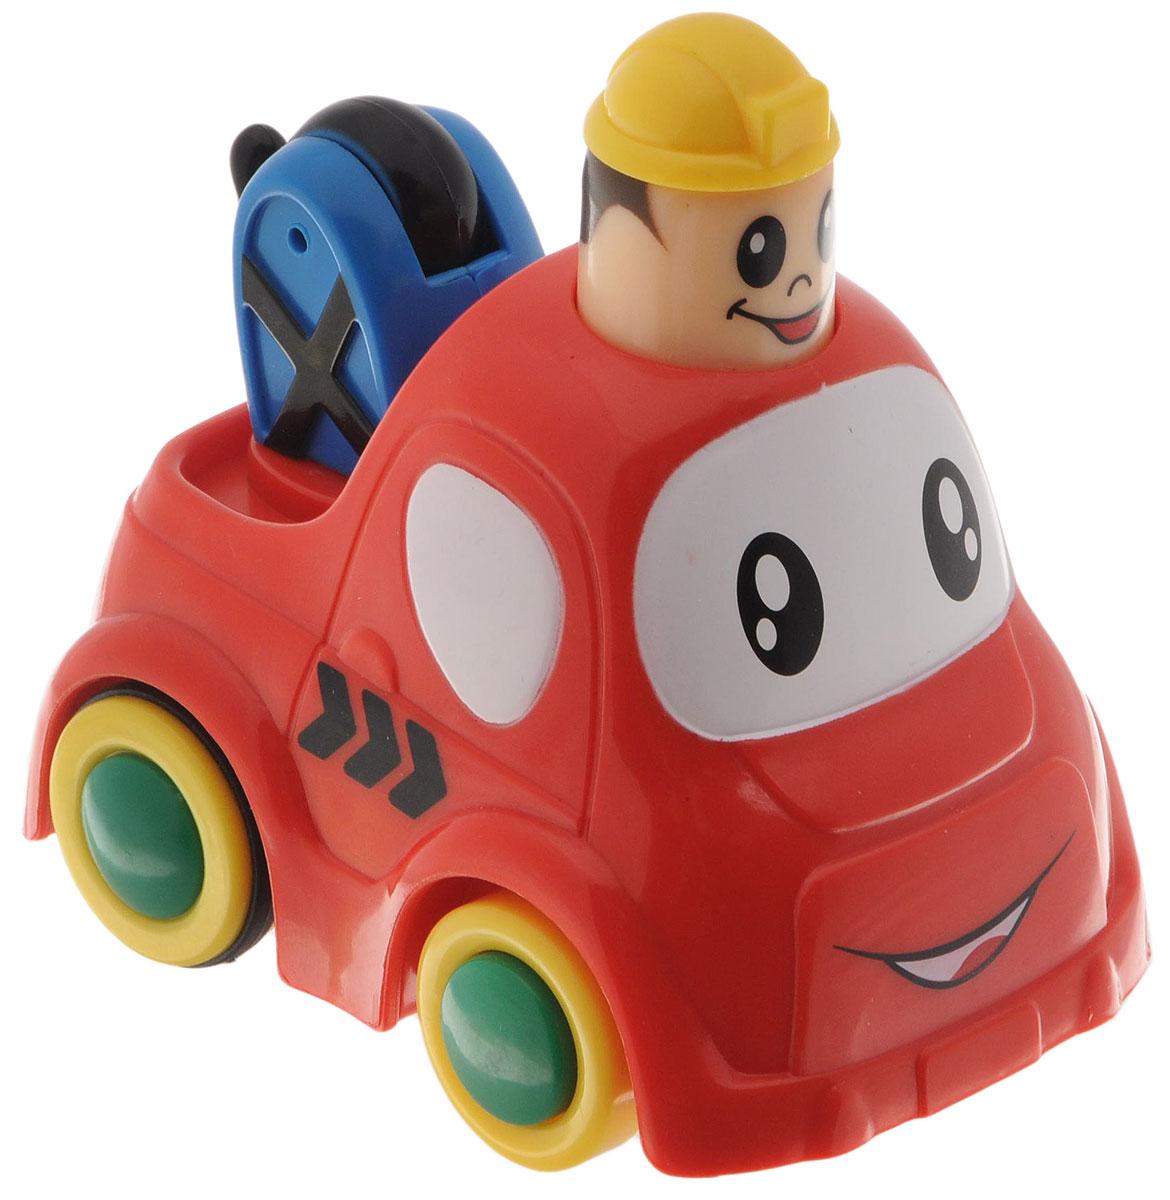 Simba Инерционная Мини-машинка с краном цвет красный4019516_красныйМини-машинка с краном Simba привлечет внимание вашего ребенка и надолго останется его любимой игрушкой. Плавные формы без острых углов, яркие цвета - все это выгодно выделяет эту игрушку из ряда подобных. Кузов дополнен подвижным краном. Игрушка оснащена инерционным ходом. Необходимо нажать на голову водителя и отпустить - и машинка быстро поедет вперед. Машинка развивает концентрацию внимания, координацию движений, мелкую моторику рук, цветовое восприятие и воображение. Малыш будет часами играть с этой машинкой, придумывая разные истории.